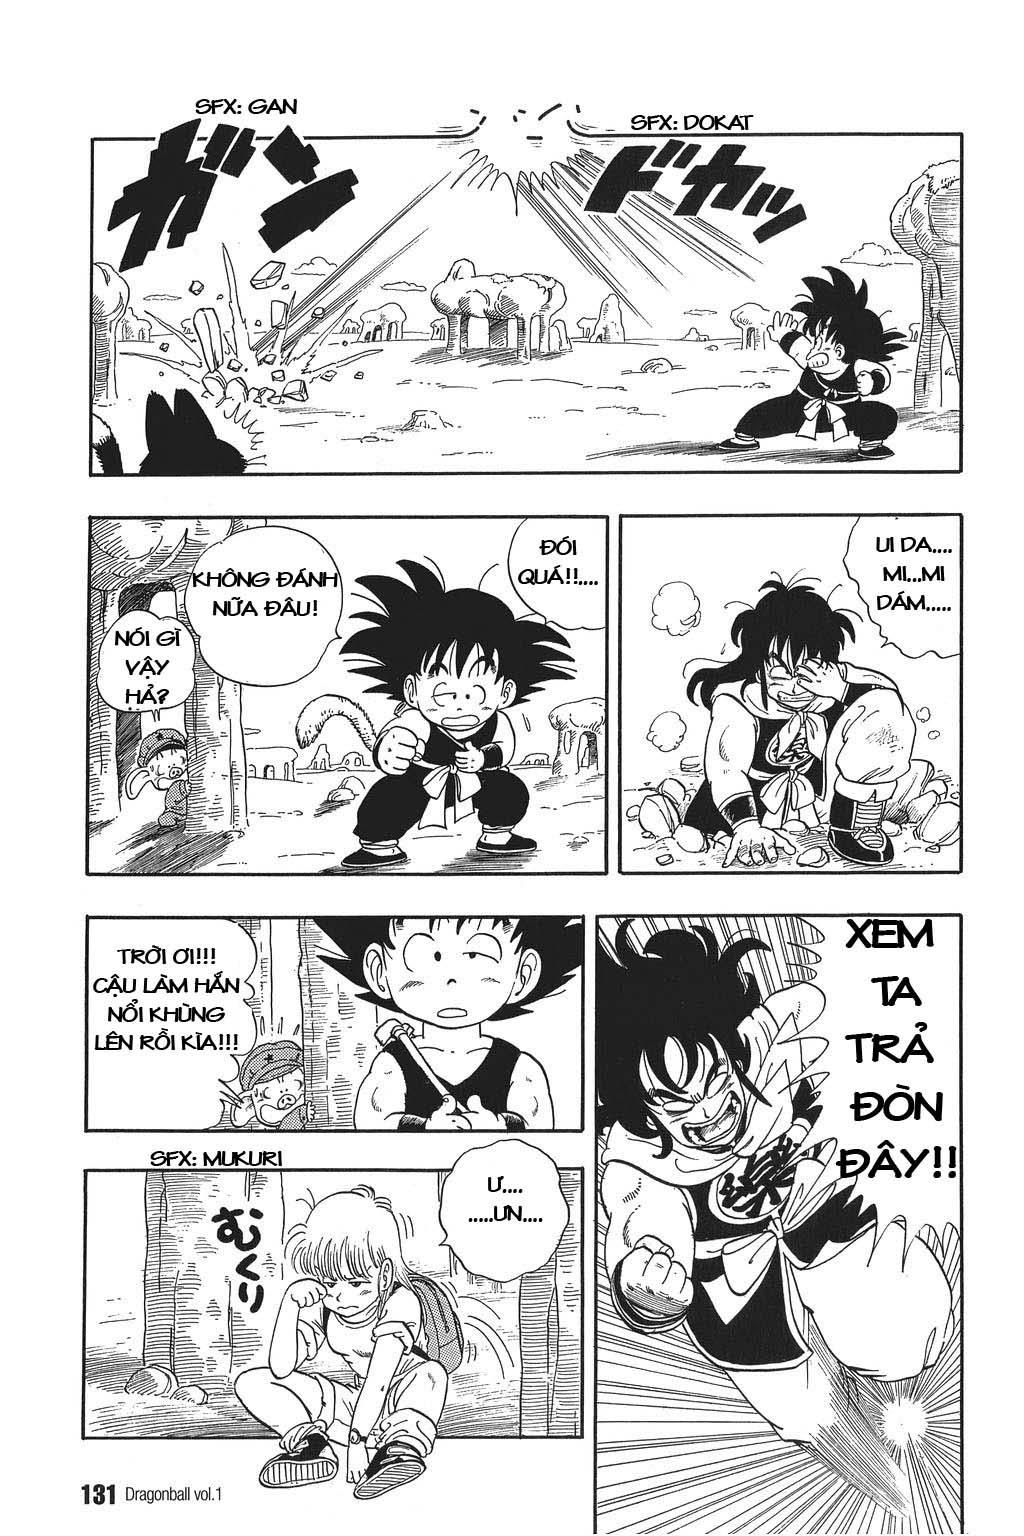 xem truyen moi - Dragon Ball Bản Vip - Bản Đẹp Nguyên Gốc Chap 8